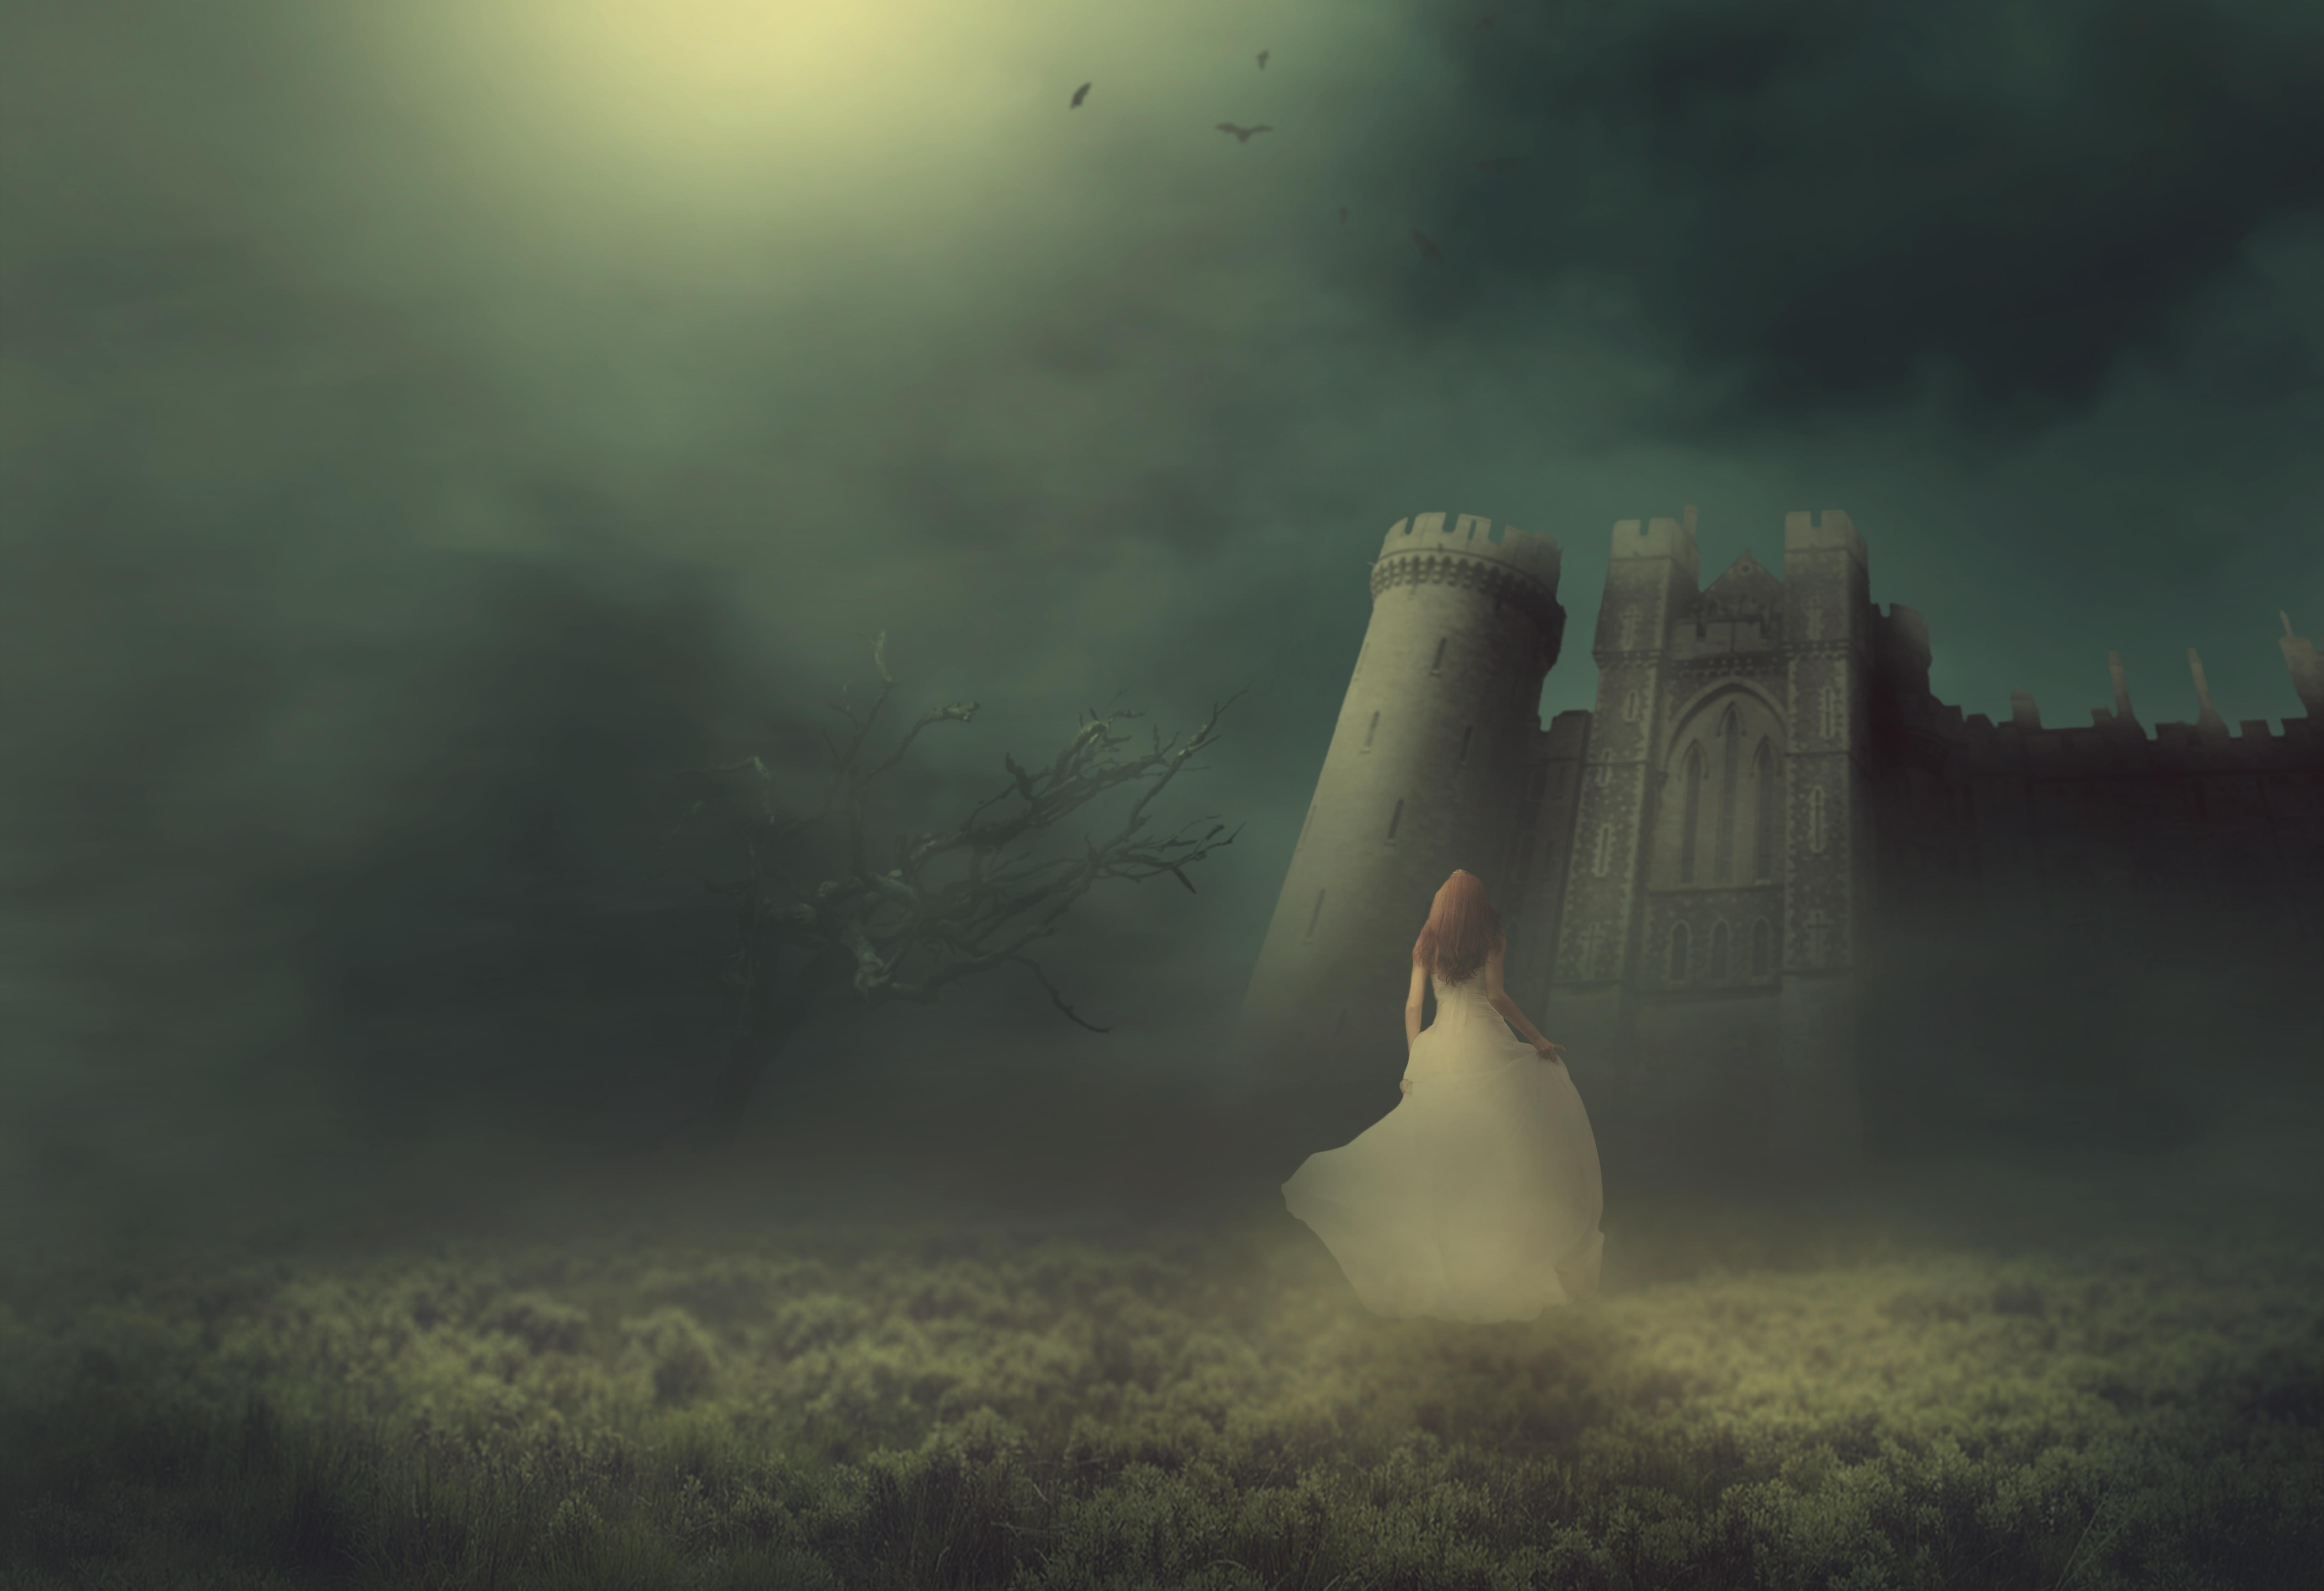 картинки в сказке обман призрачный остров скрылся в туман